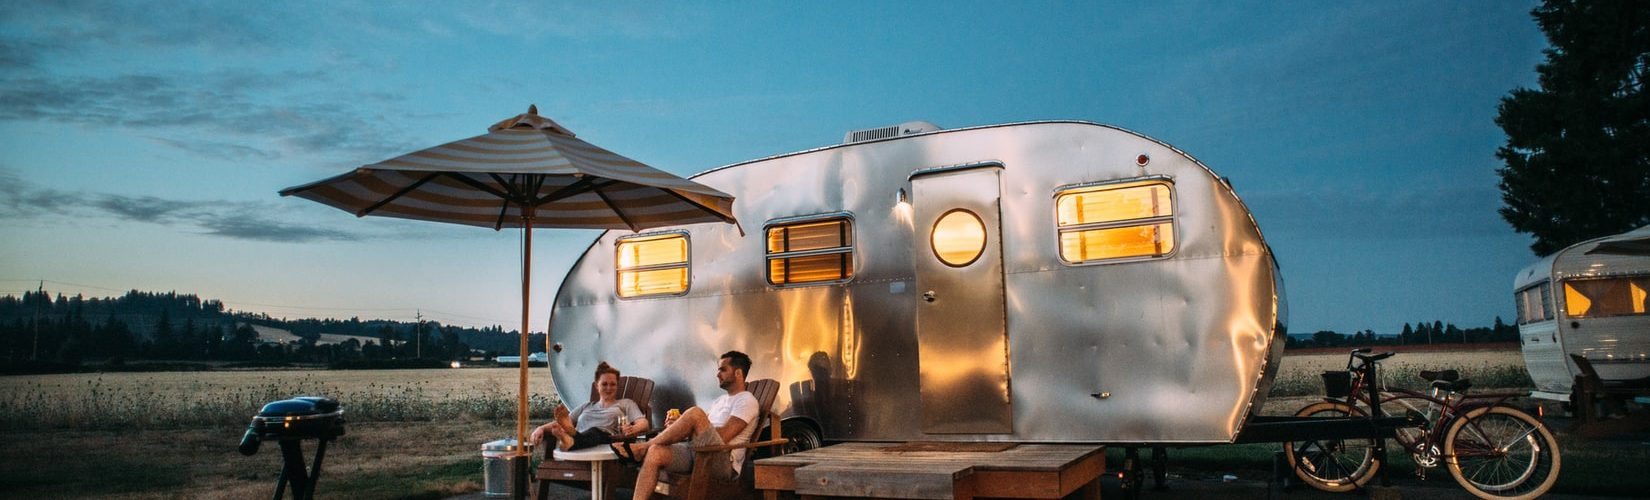 kamperen-luxe-camper